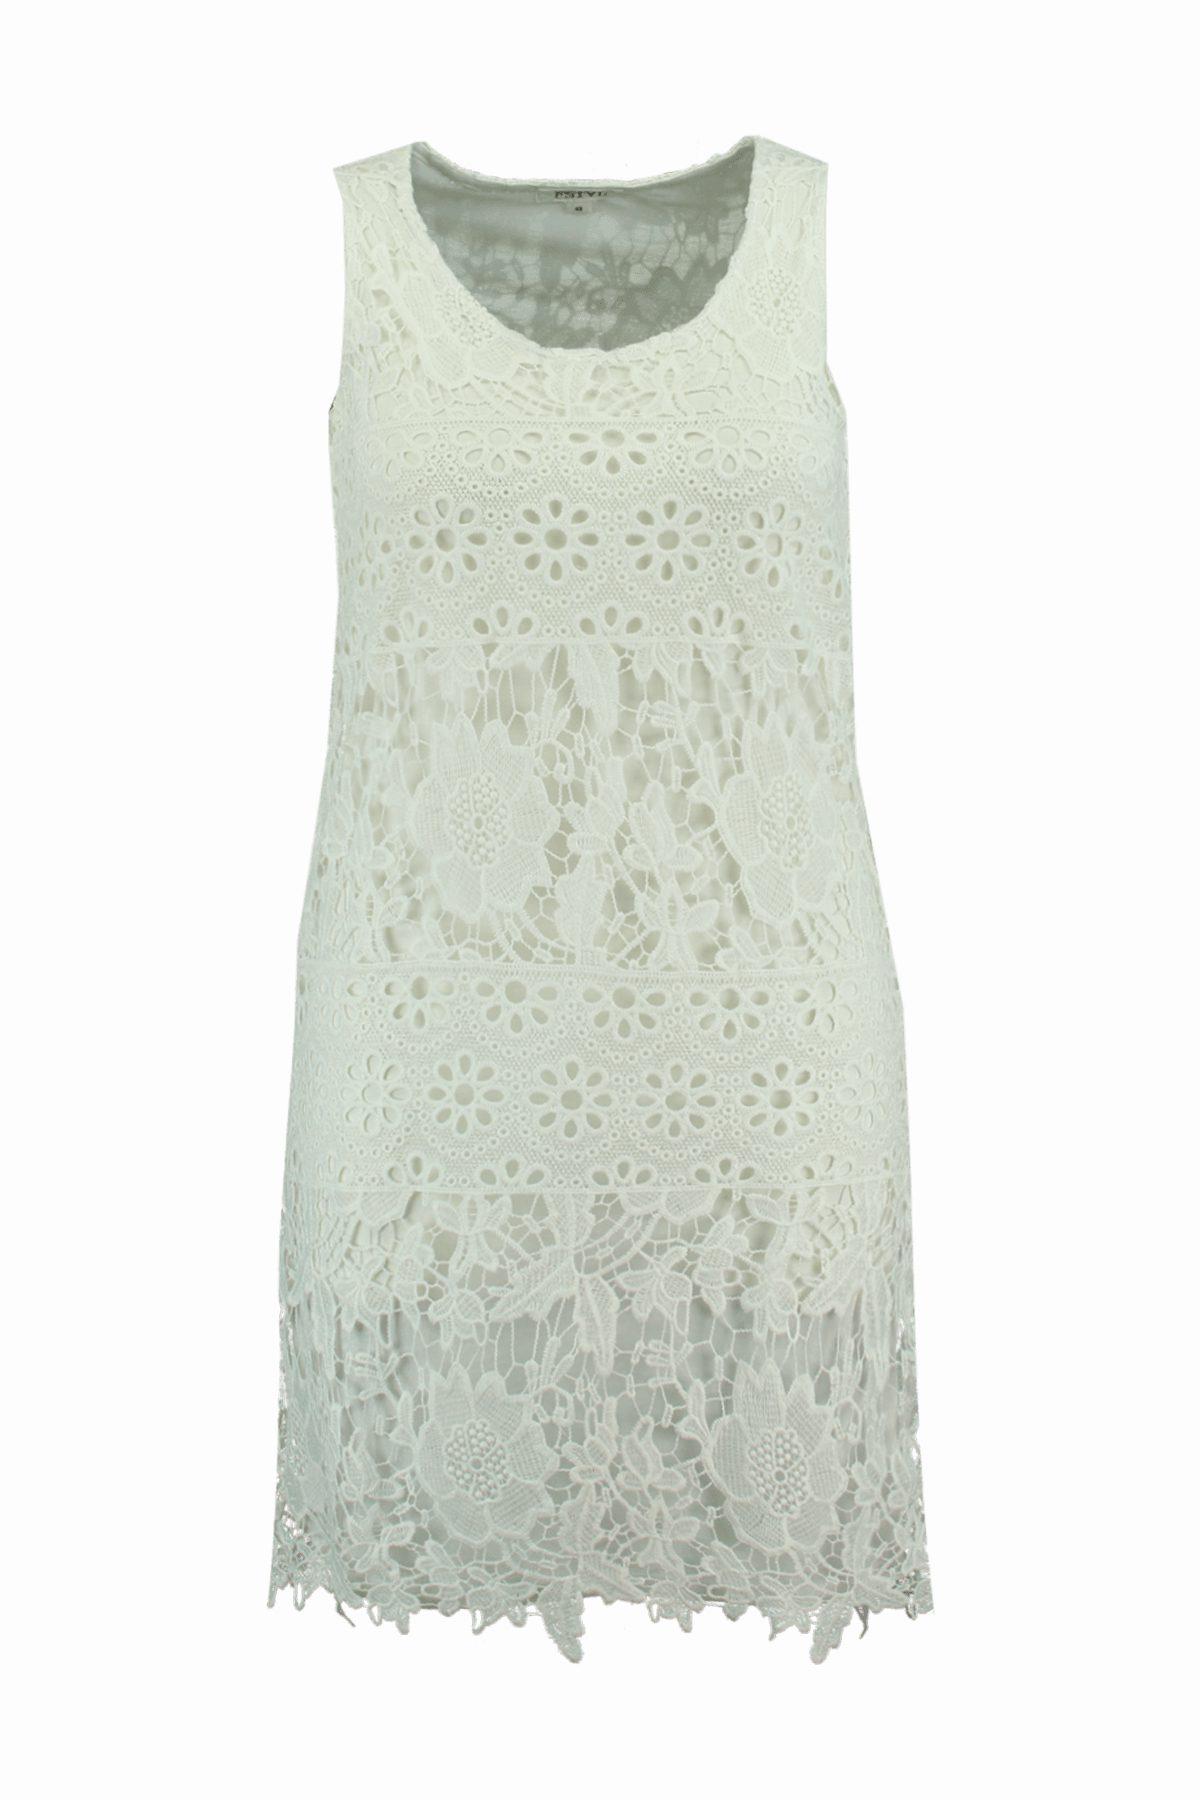 Vestido blanco de ganchillo de la colección FSTVL de Ms Moda